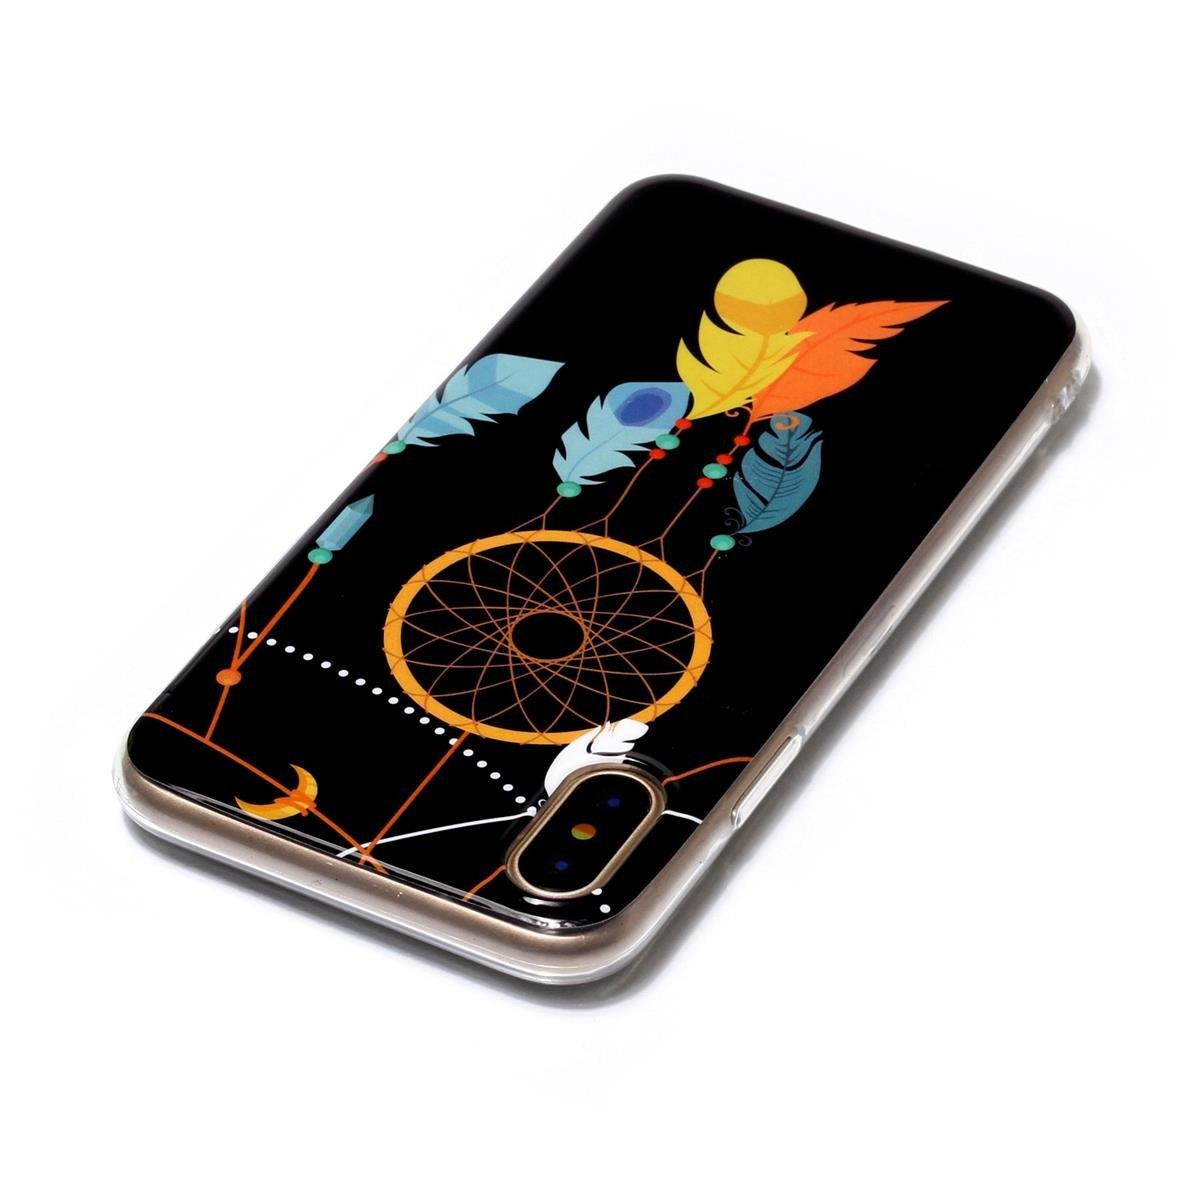 iPhone 5S H/ülle Handyh/ülle Schutzh/ülle Nachtleuchtender gr/üner Gl/ühen im dunklen Handy Etui Anti-Kratzer Anti-Staub Case Cover sto/ßsicherer Mobiltelefon-Kasten OnlyCase iPhone 5 Musik Hund